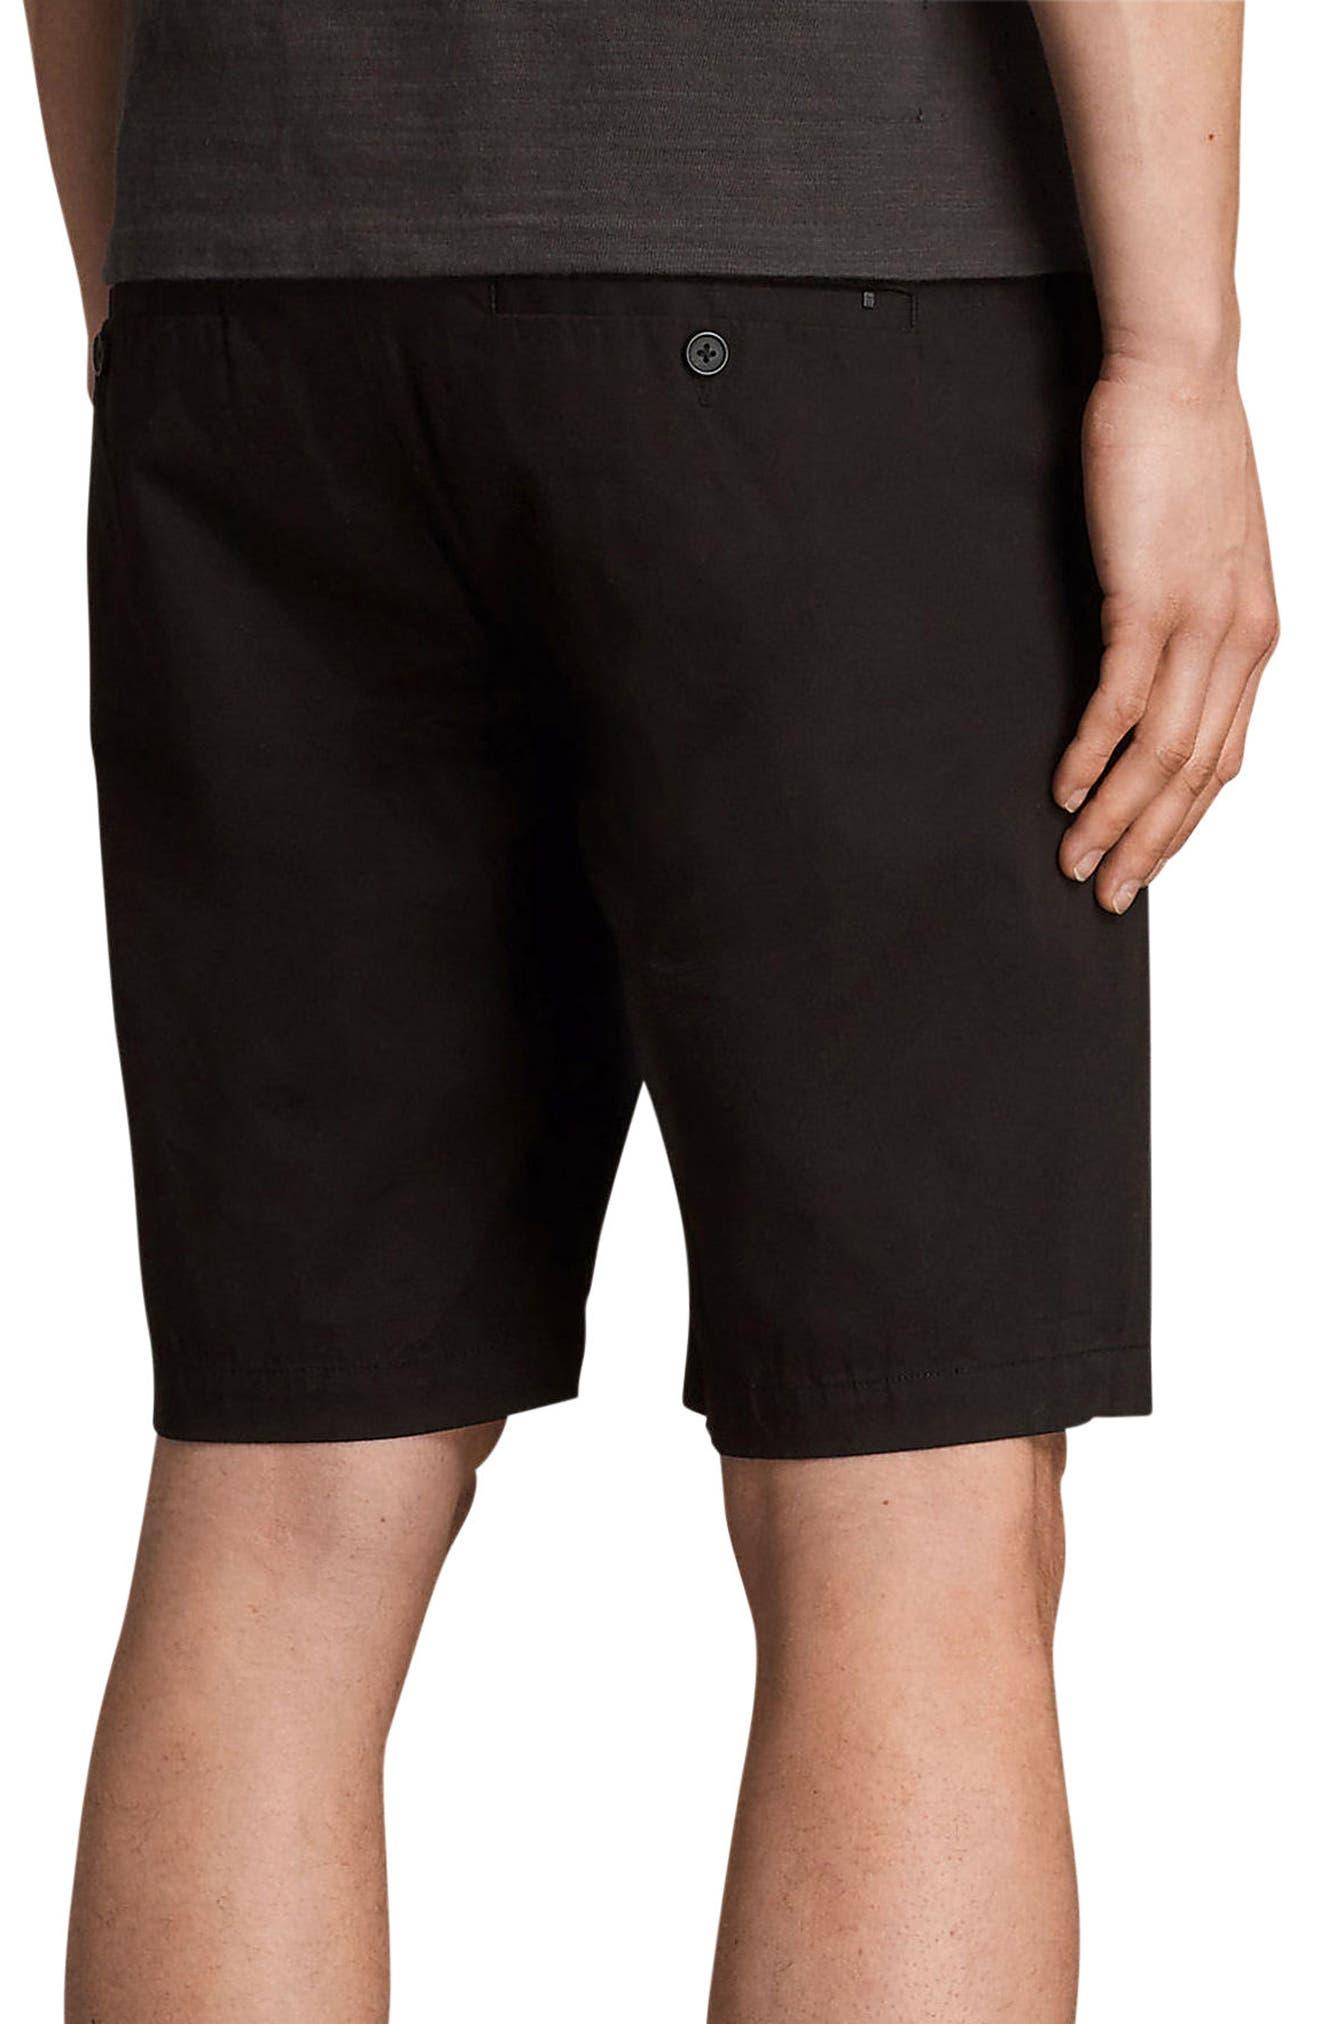 Cobalt Slim Fit Cotton Shorts,                             Alternate thumbnail 2, color,                             001